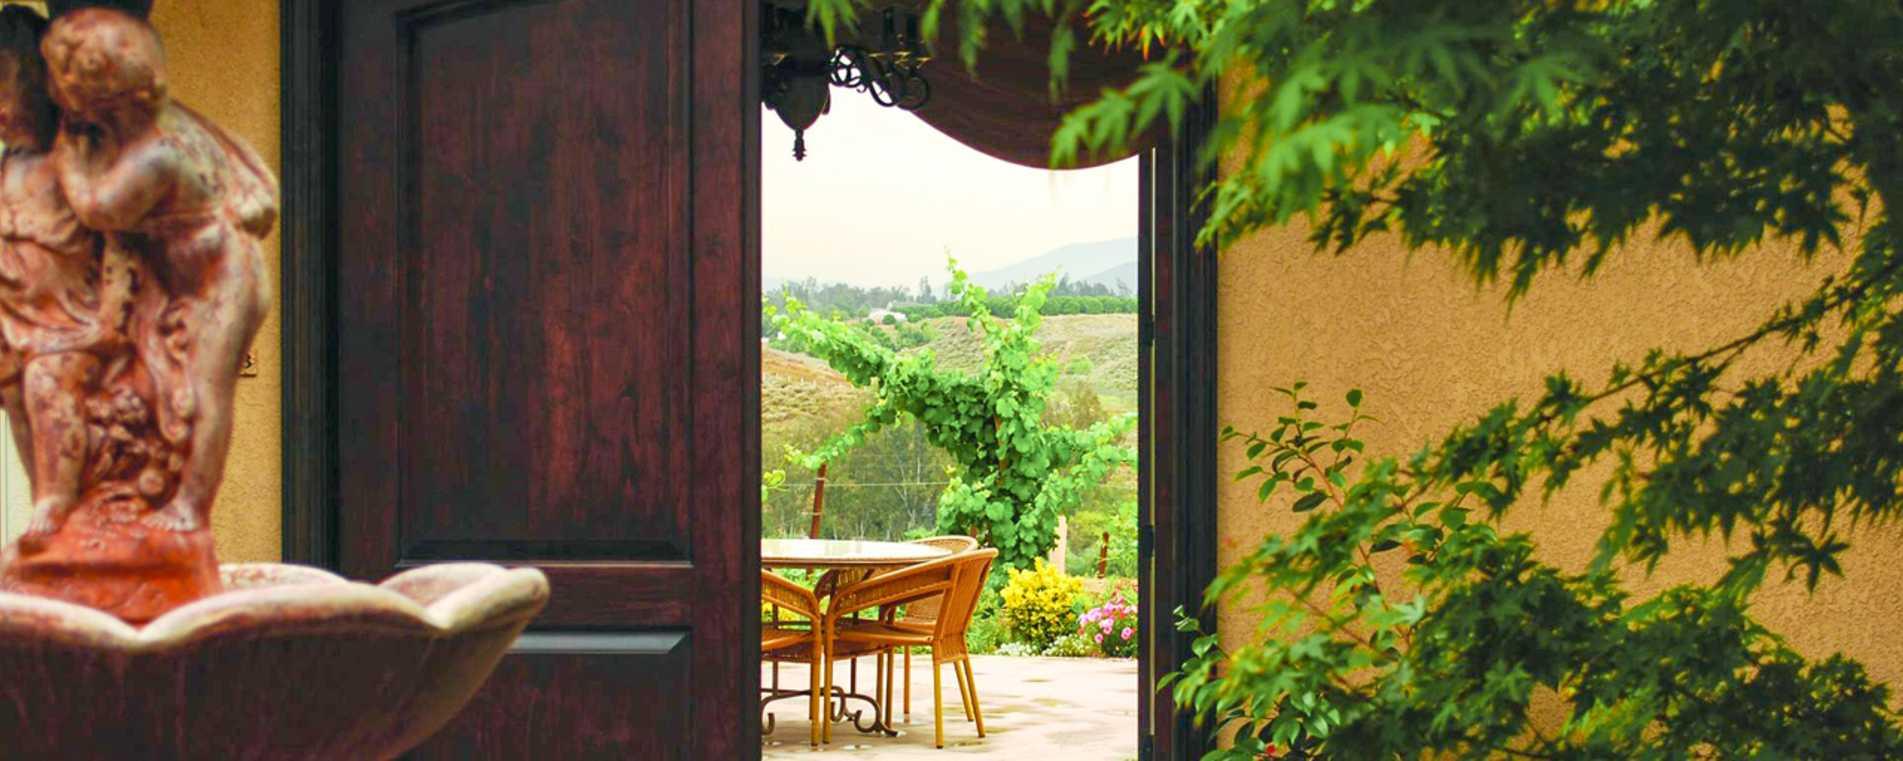 South Coast Winery Main